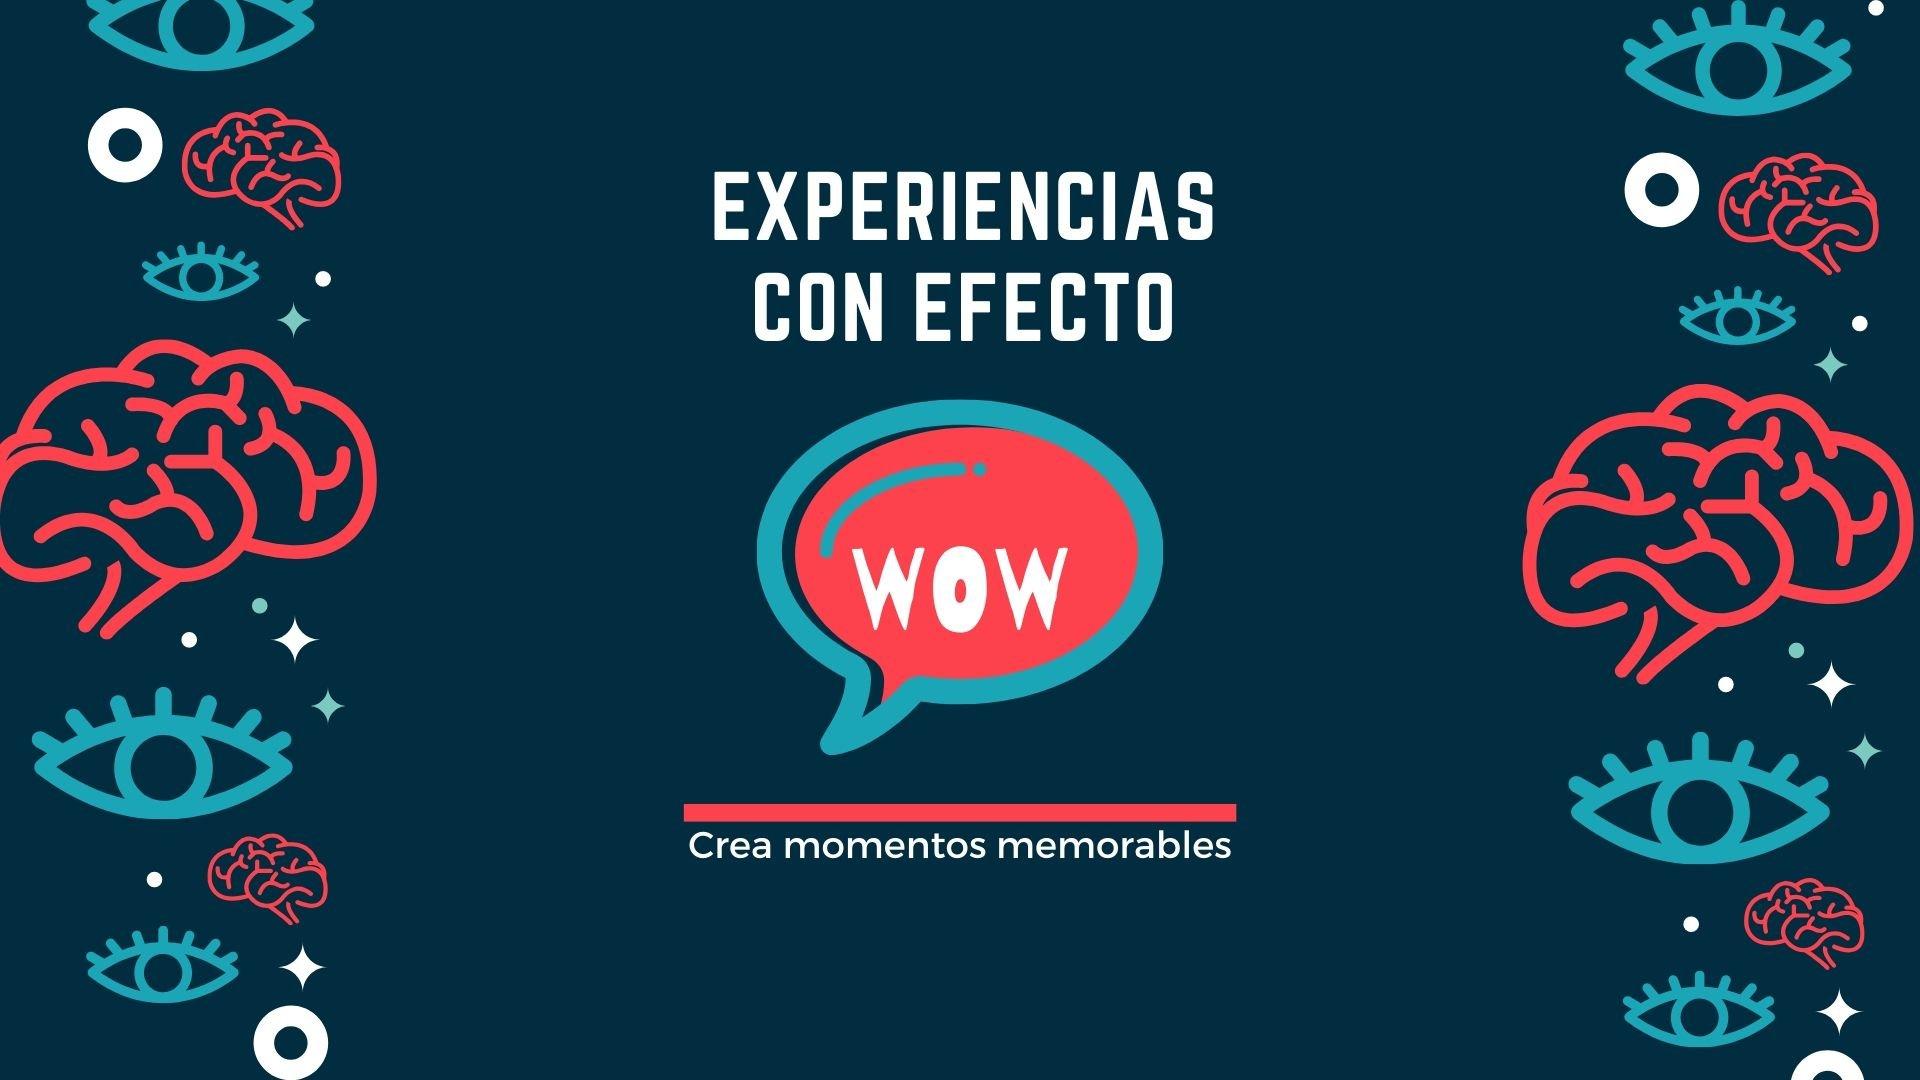 Experiencias efecto wow